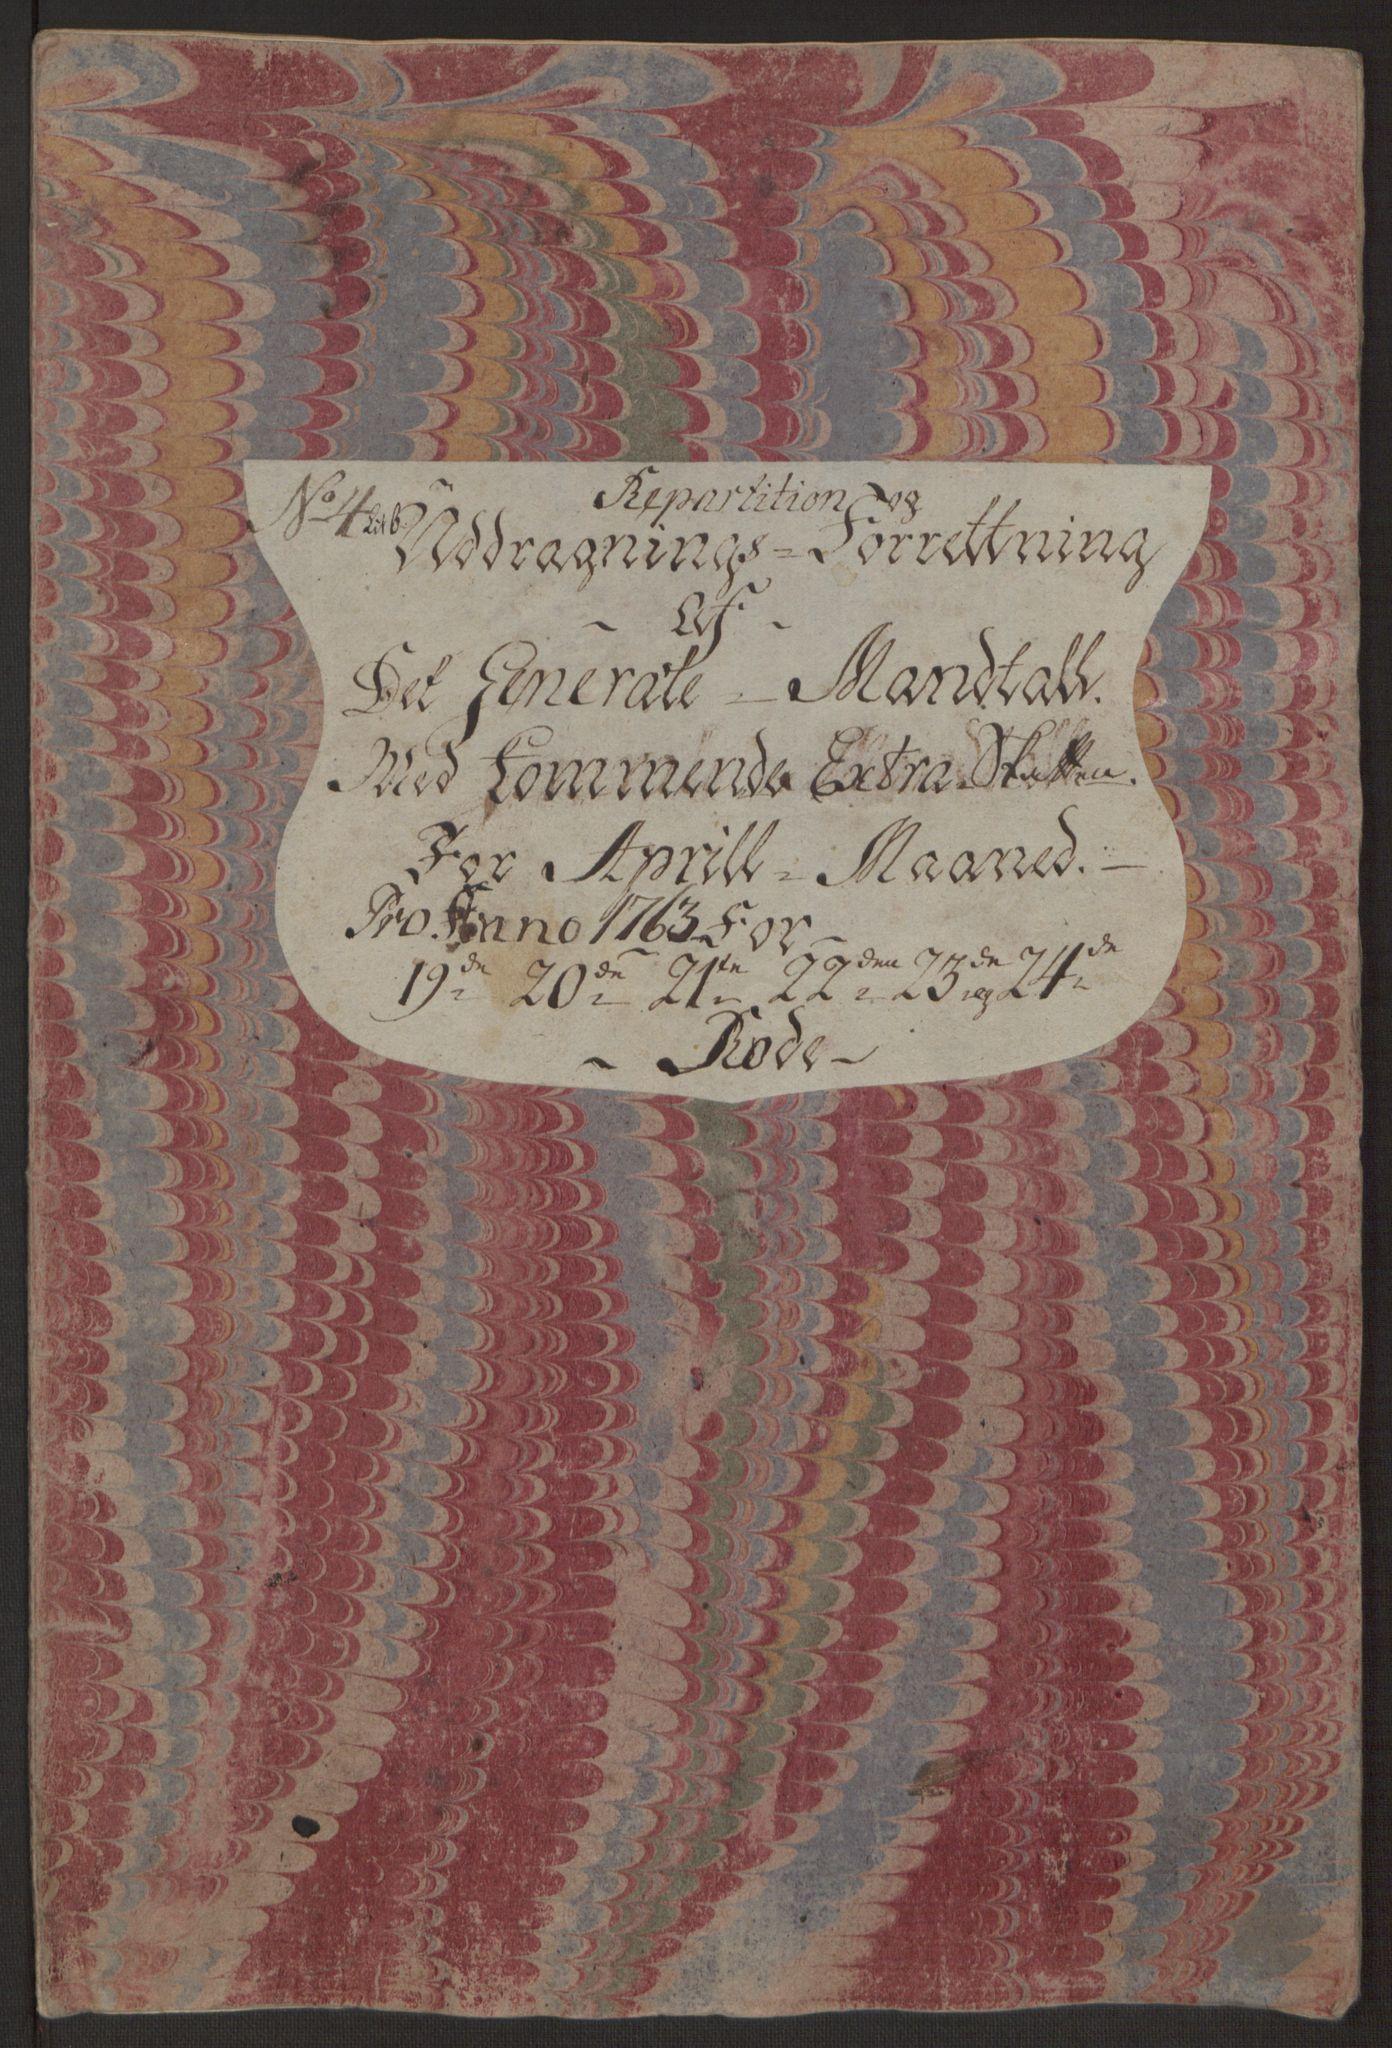 RA, Rentekammeret inntil 1814, Reviderte regnskaper, Byregnskaper, R/Rp/L0366: [P20] Kontribusjonsregnskap, 1763, s. 226